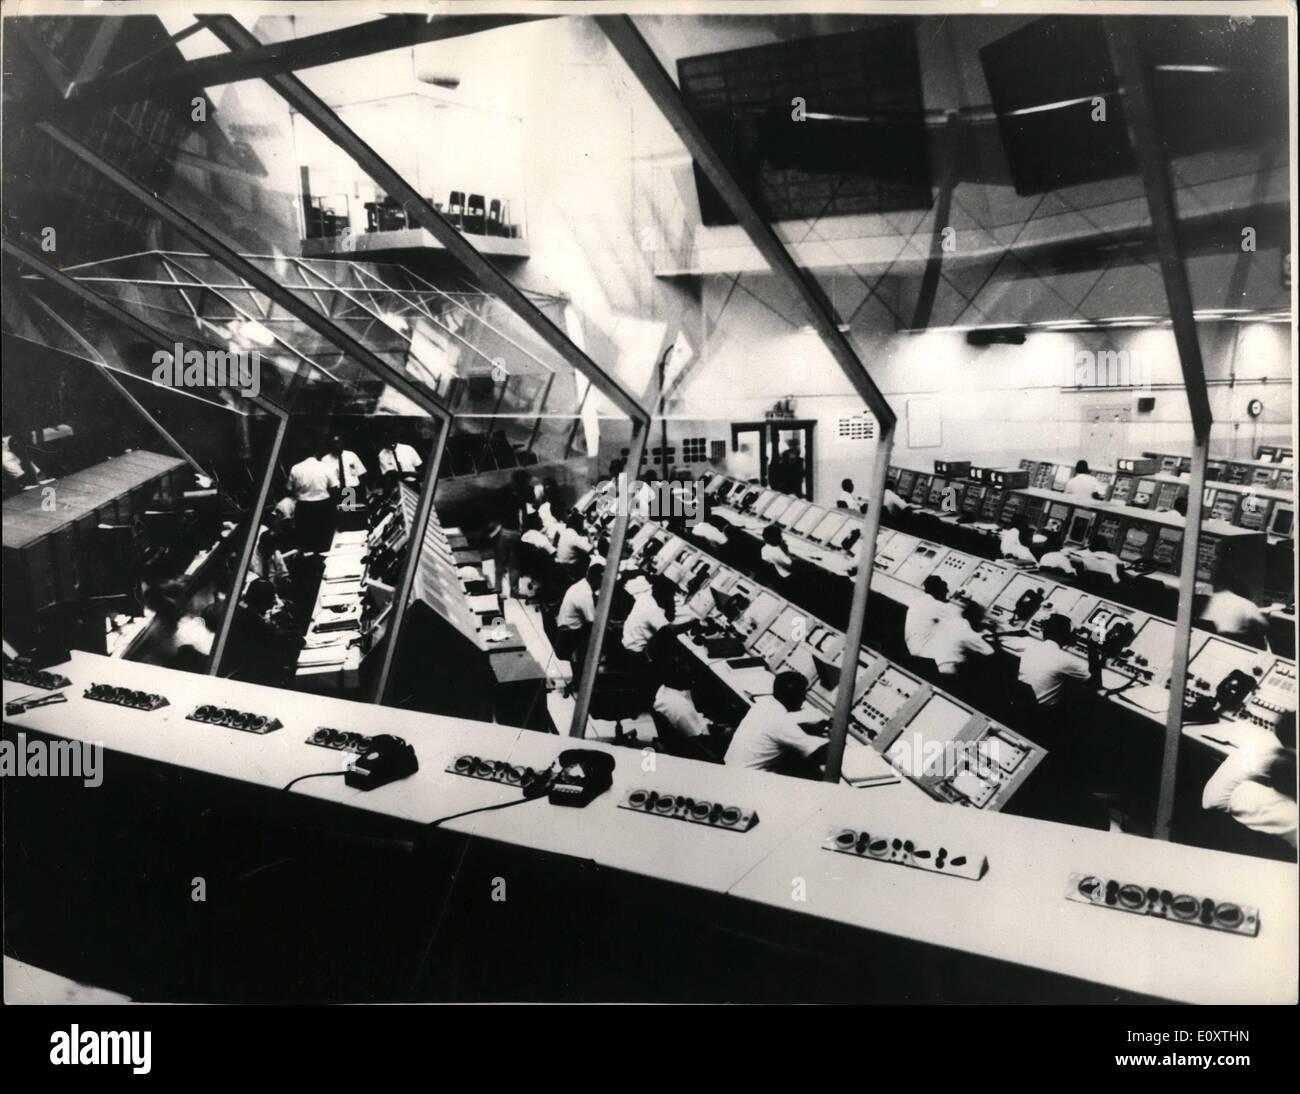 Nov. 11, 1967 - Apollo 4 per il volo spaziale: il culmine di una settimana di azione dello spazio da America è dovuto domani (Nov 9) quando un 363ft. Saturn V moon rocket lancerà un unmanned Apollo 4 imbarcazioni su una durata di otto ore del motore di test di volo nello spazio. La prova di Saturno è cruciale se l'America è a terra due uomini sulla luna come previsto nel 1969. La foto mostra la cottura camera al terzo piano del lancio Centrol Centre al complesso 39 durante l'Apollo 4f conto alla rovescia simulato Foto Stock